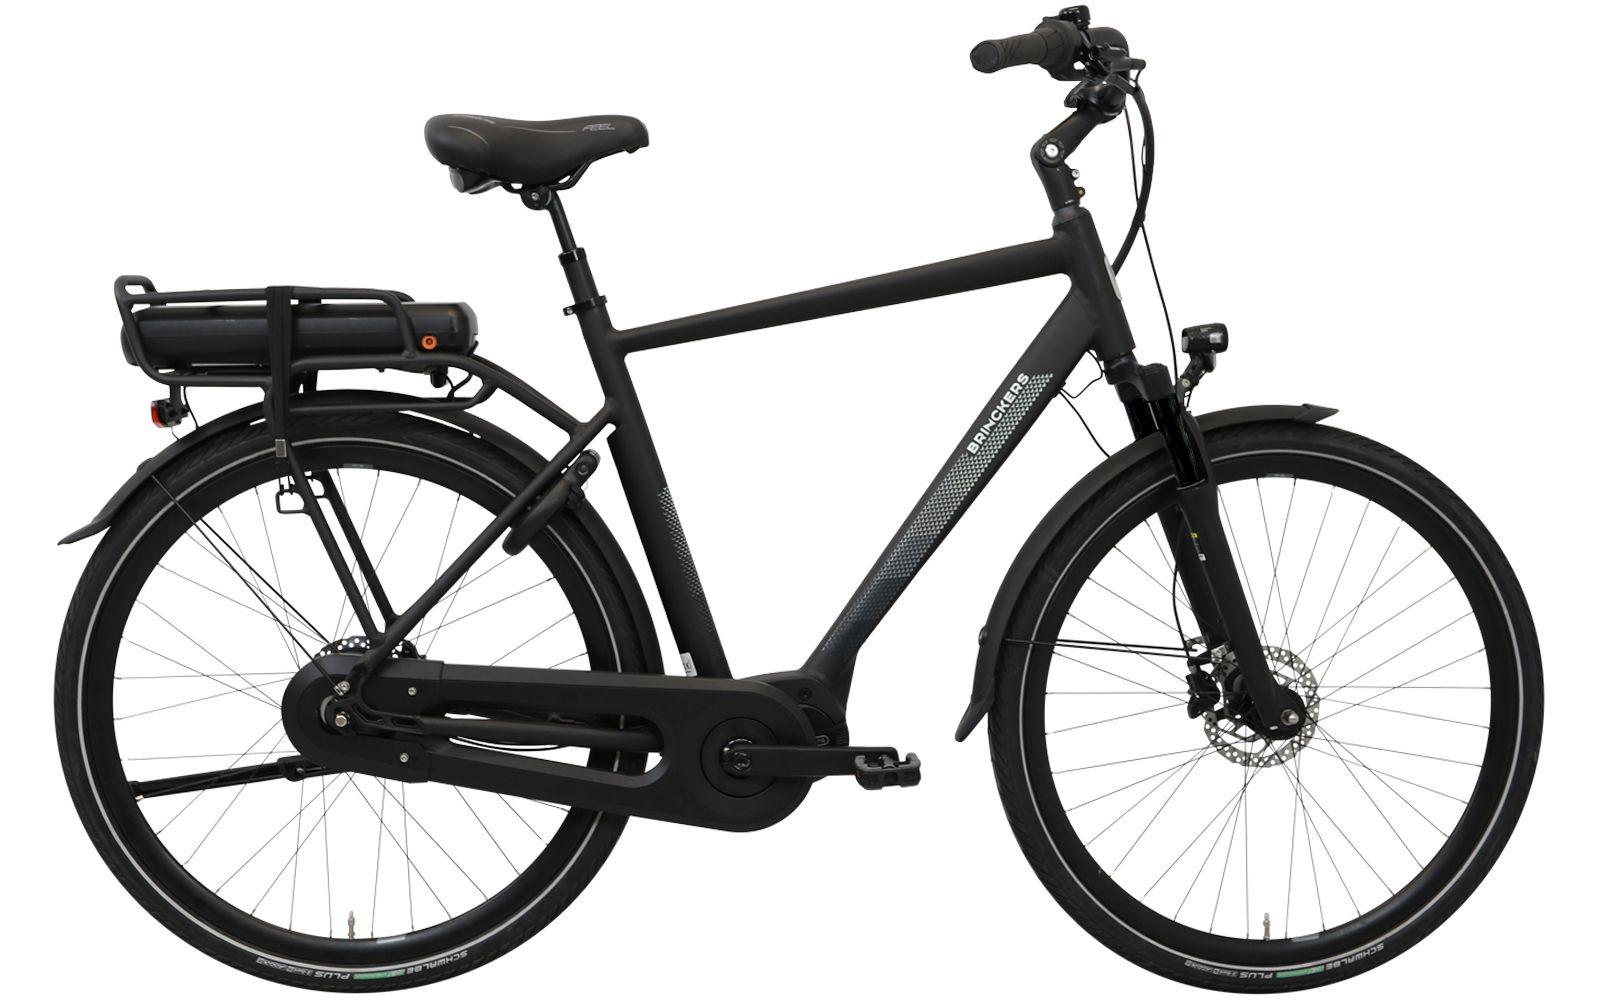 Brinckers Brisbane Heren elektrische fiets 8V met middenmotor